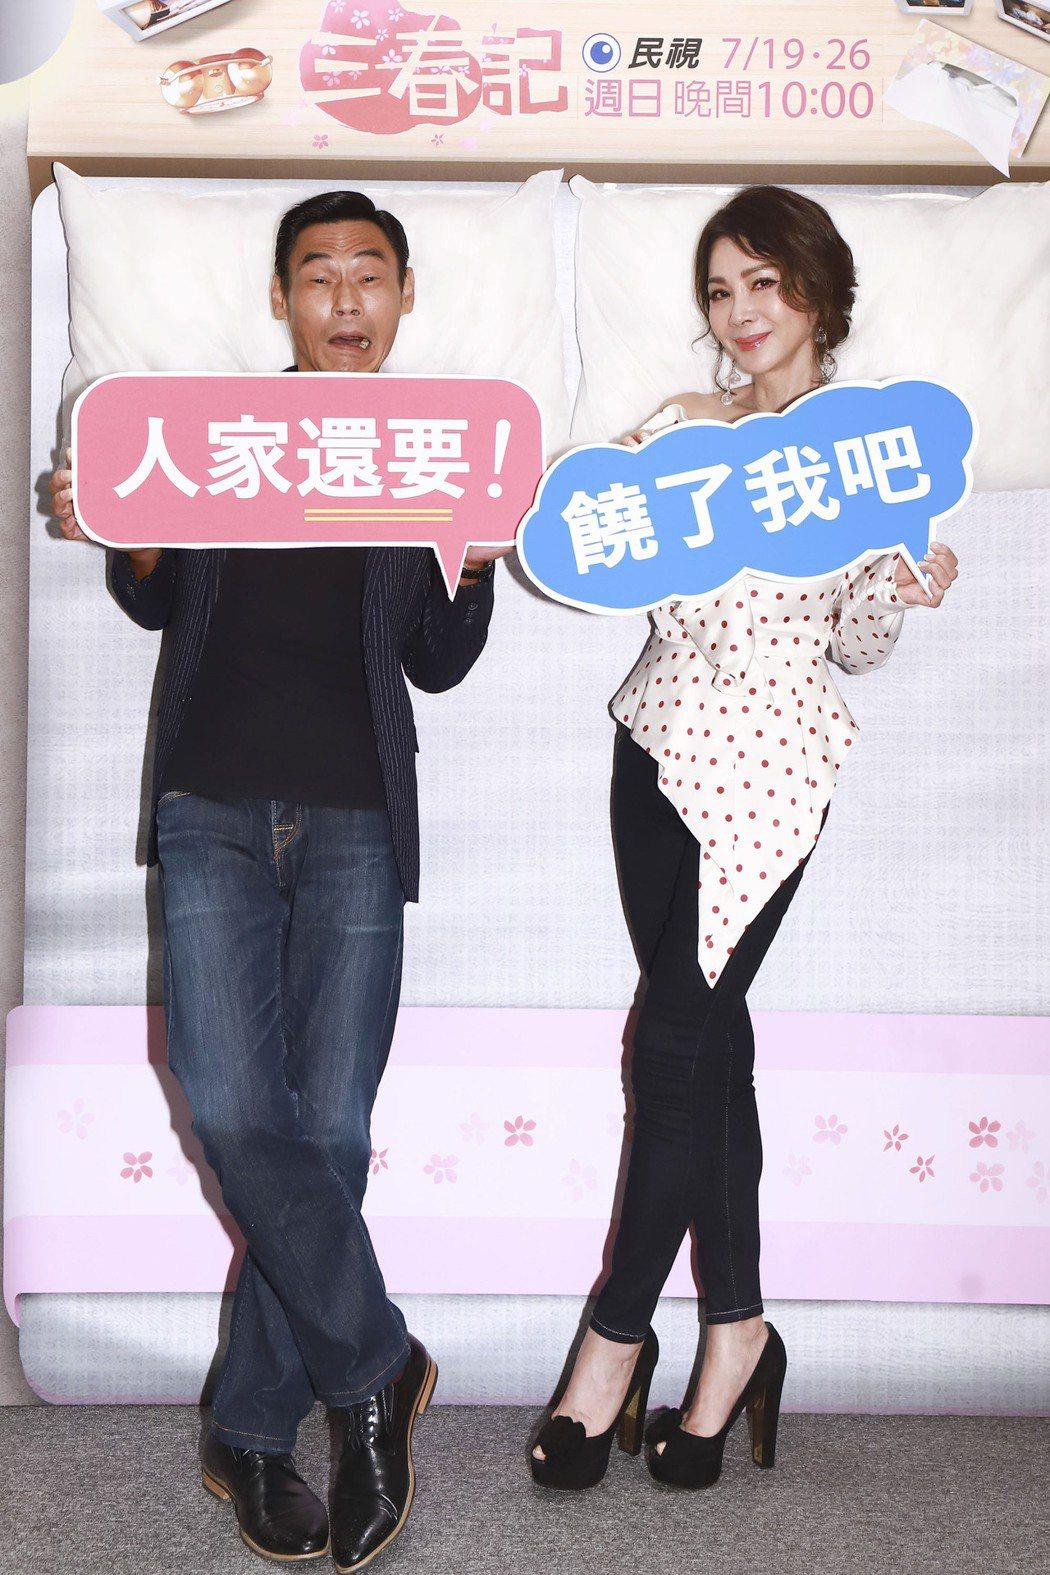 陳美鳳(右)、夏靖庭演出「三春記」。圖/民視提供